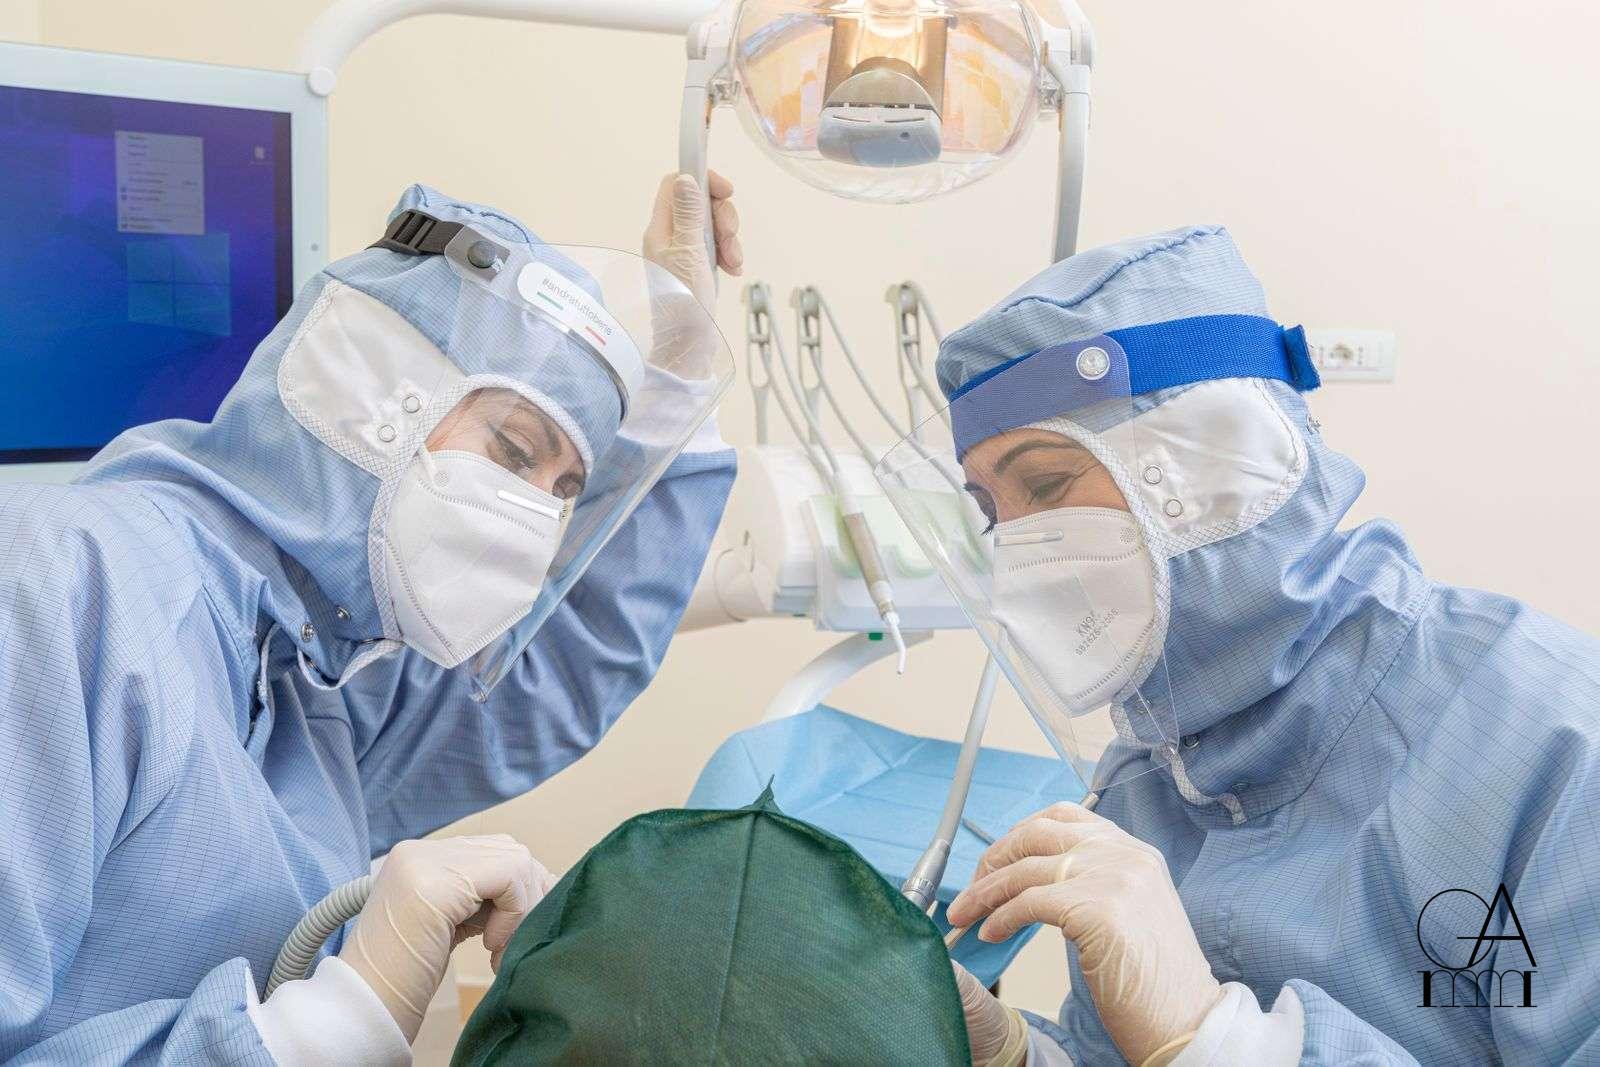 Studio Odontoiatrico Mariapina Alfano - Sezione Covid-19